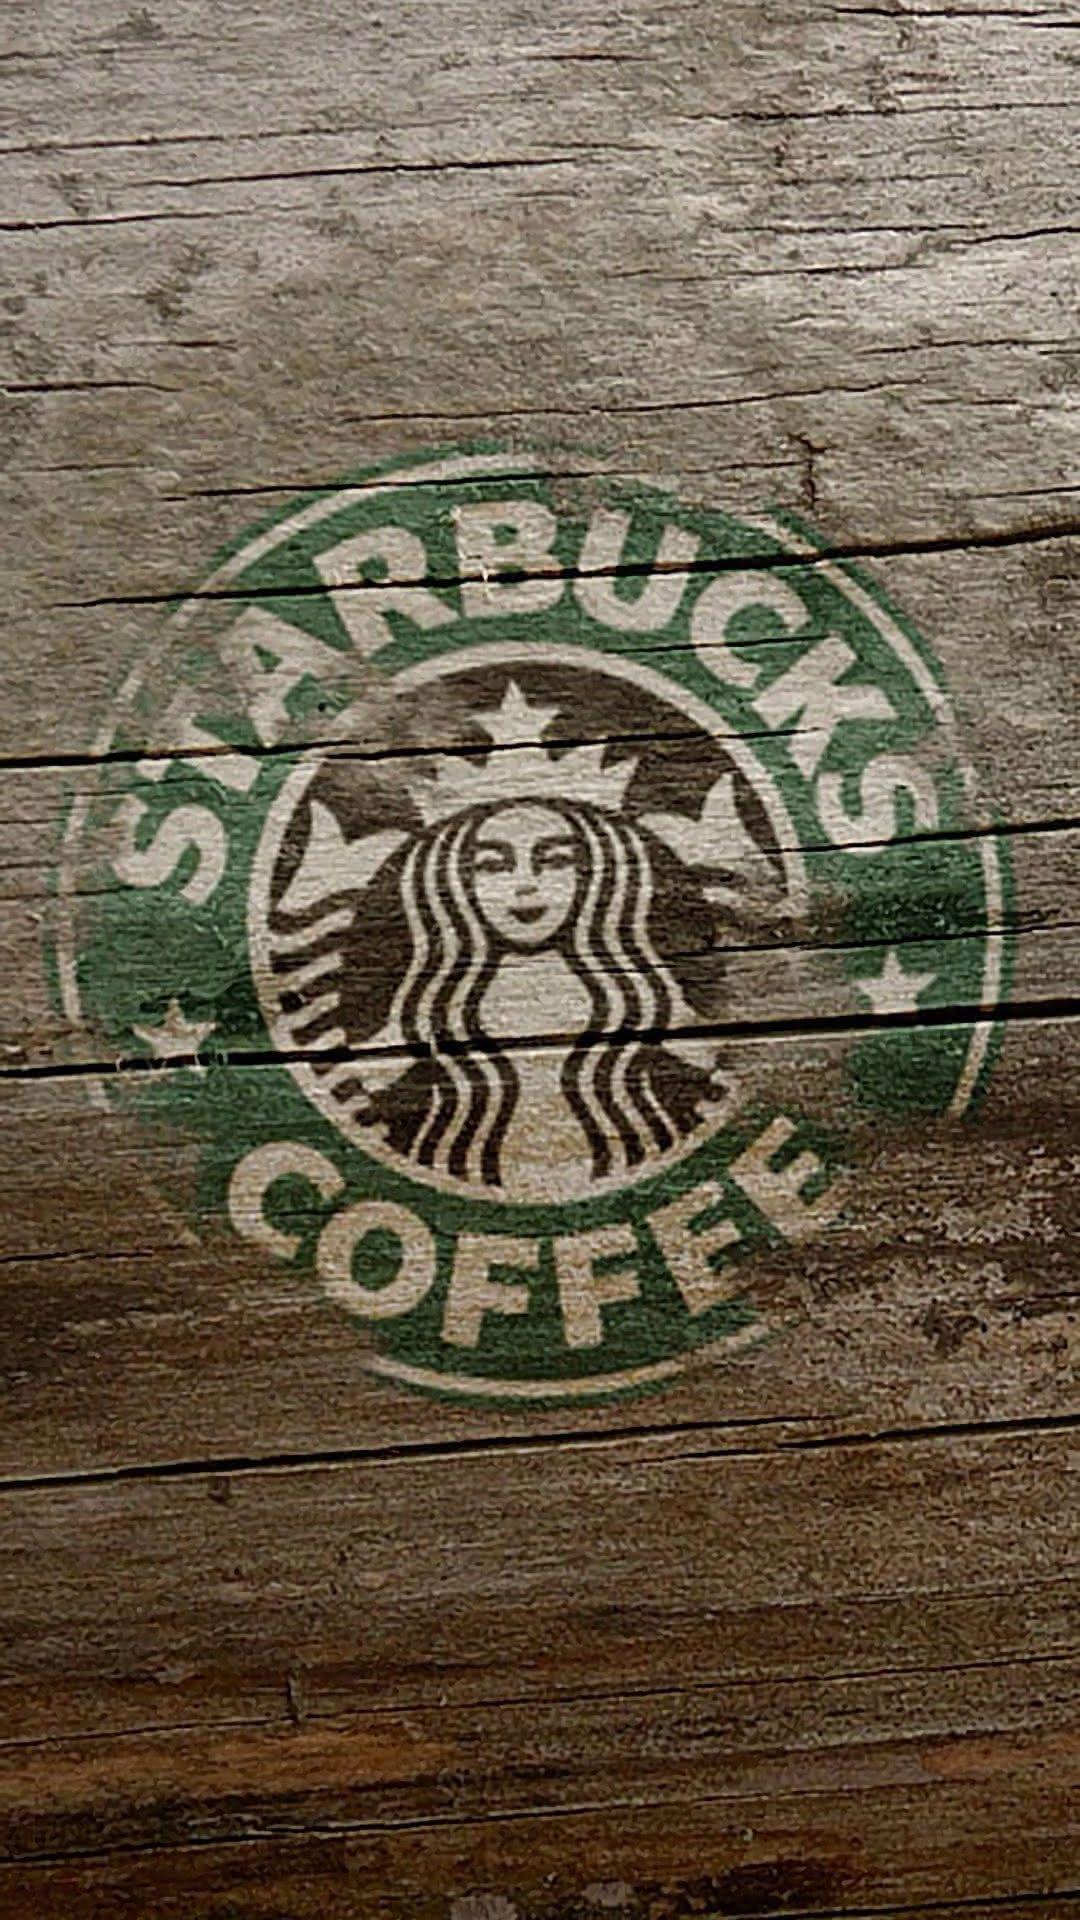 スターバックス Iphone11 スマホ壁紙 待受画像ギャラリー スタバ 壁紙 スターバックスのロゴ 壁紙の背景